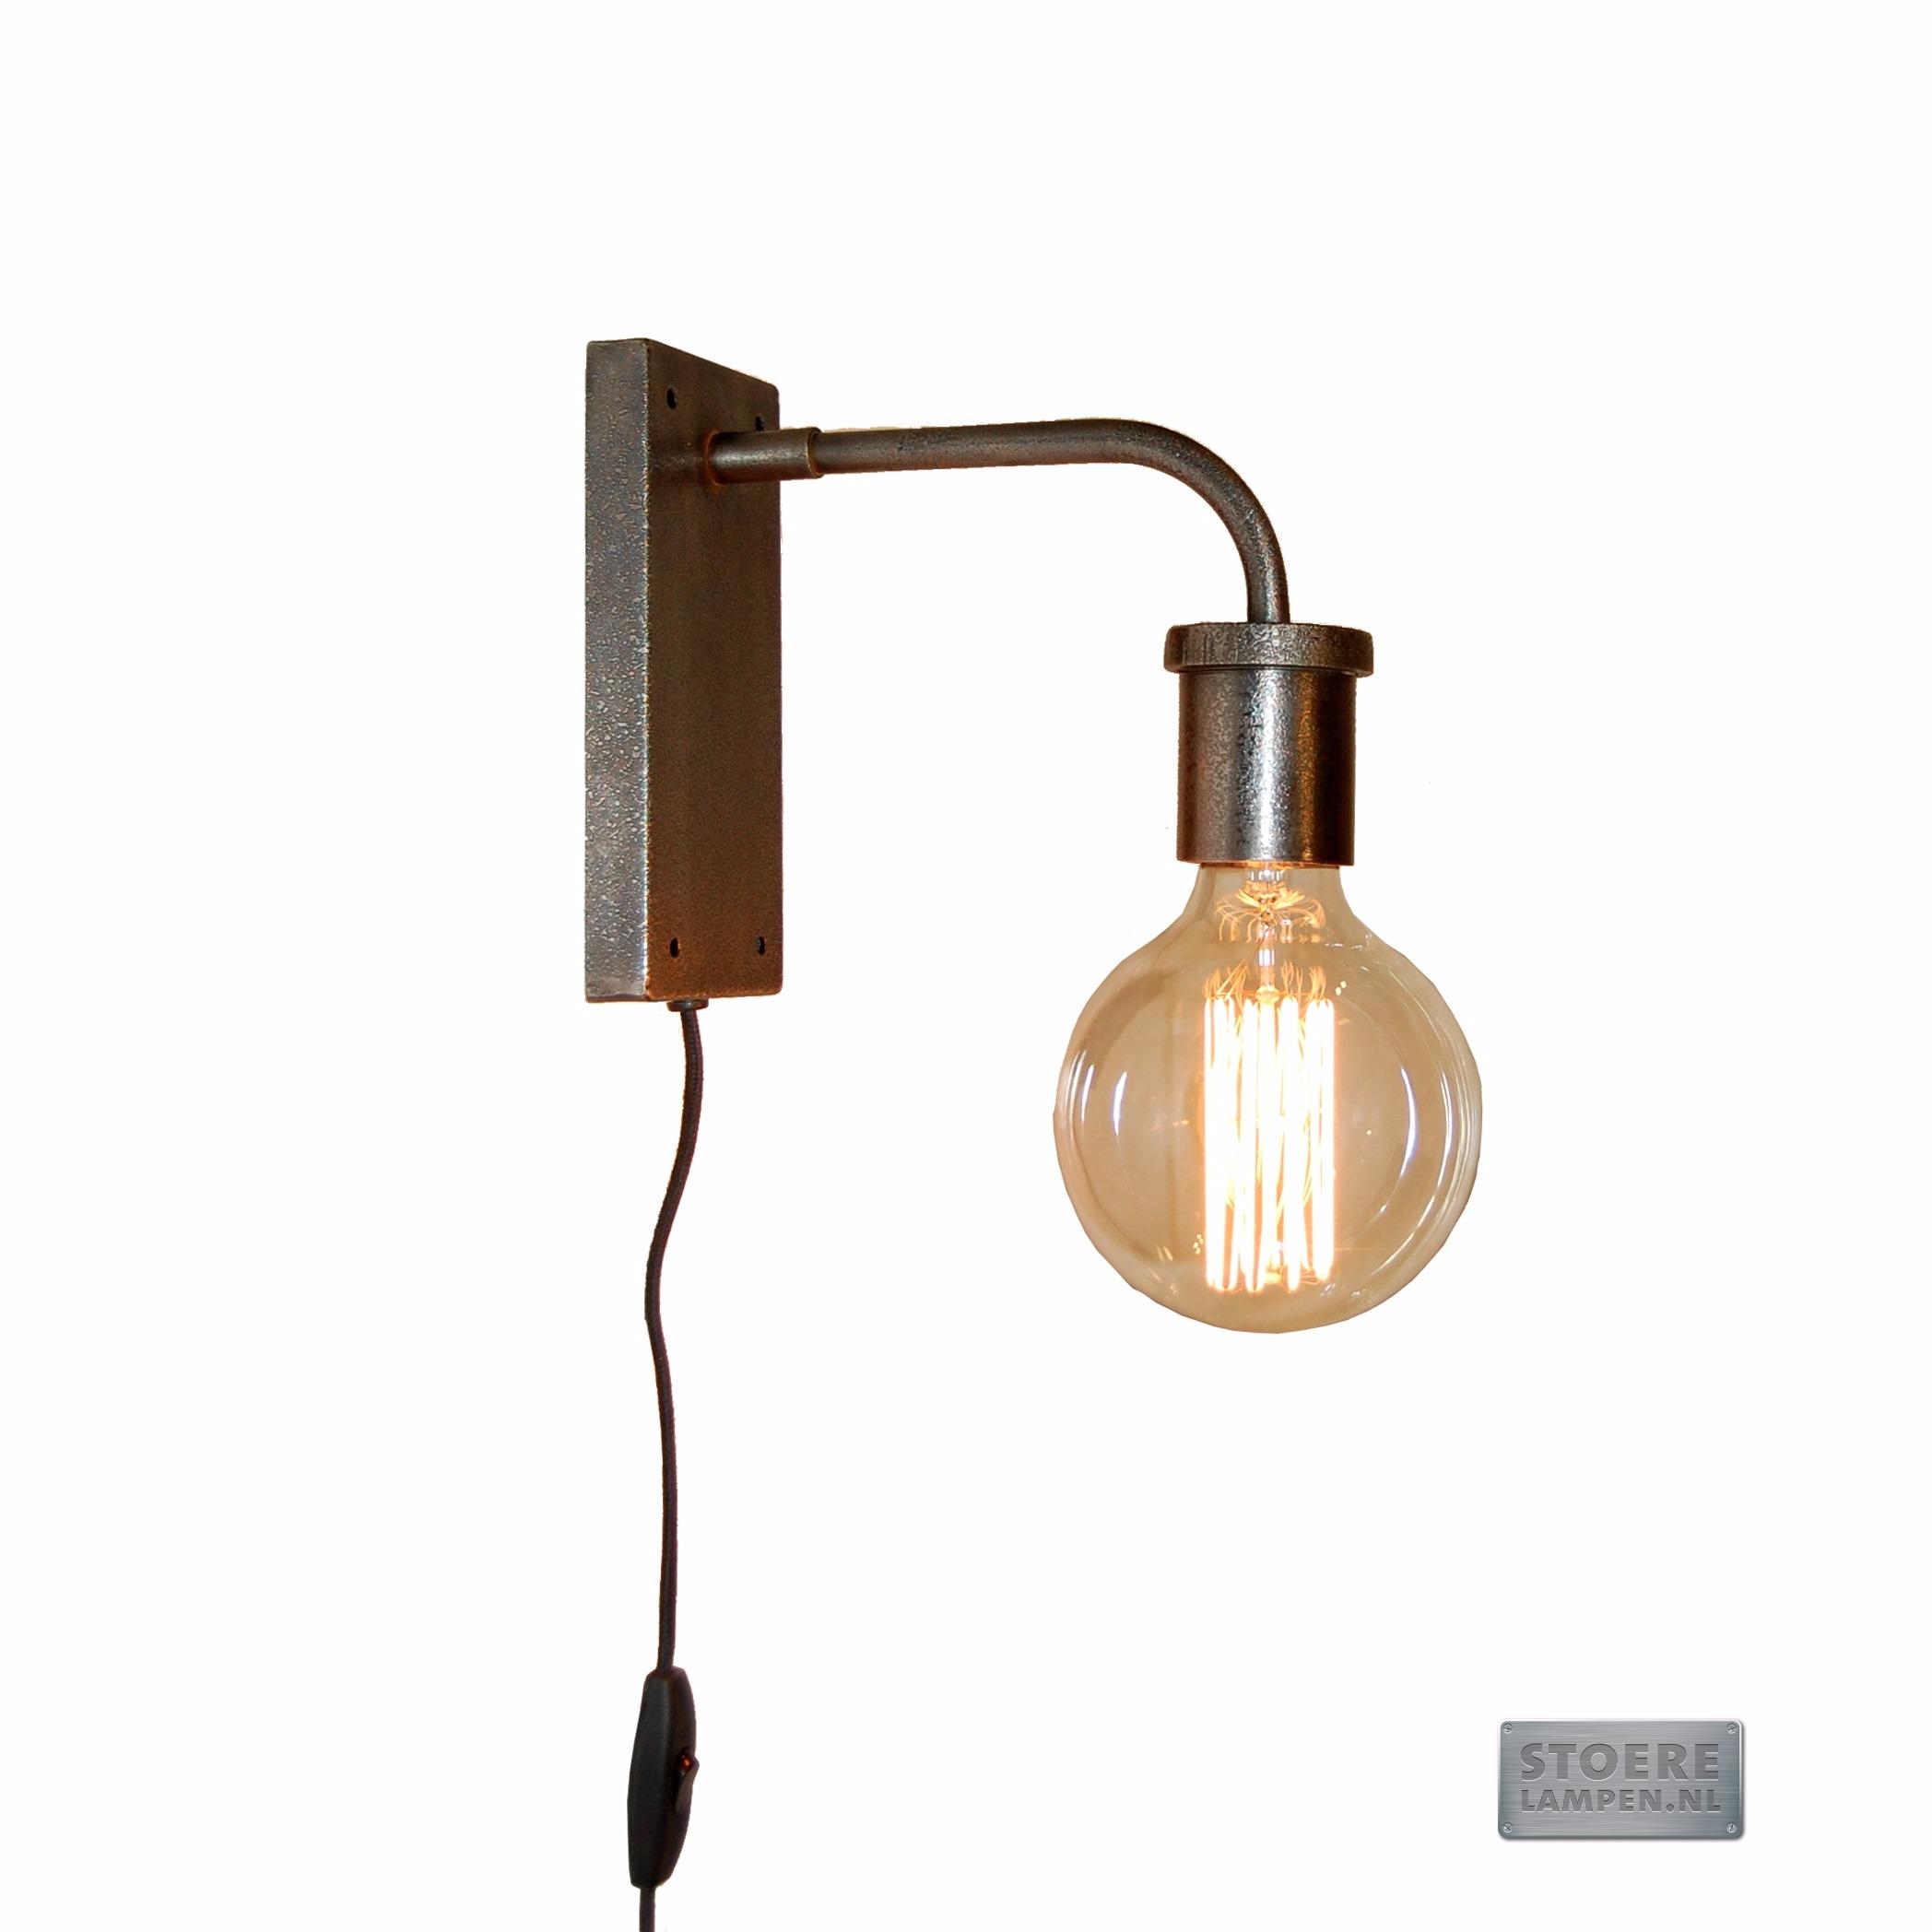 Design Wandlamp Keuken